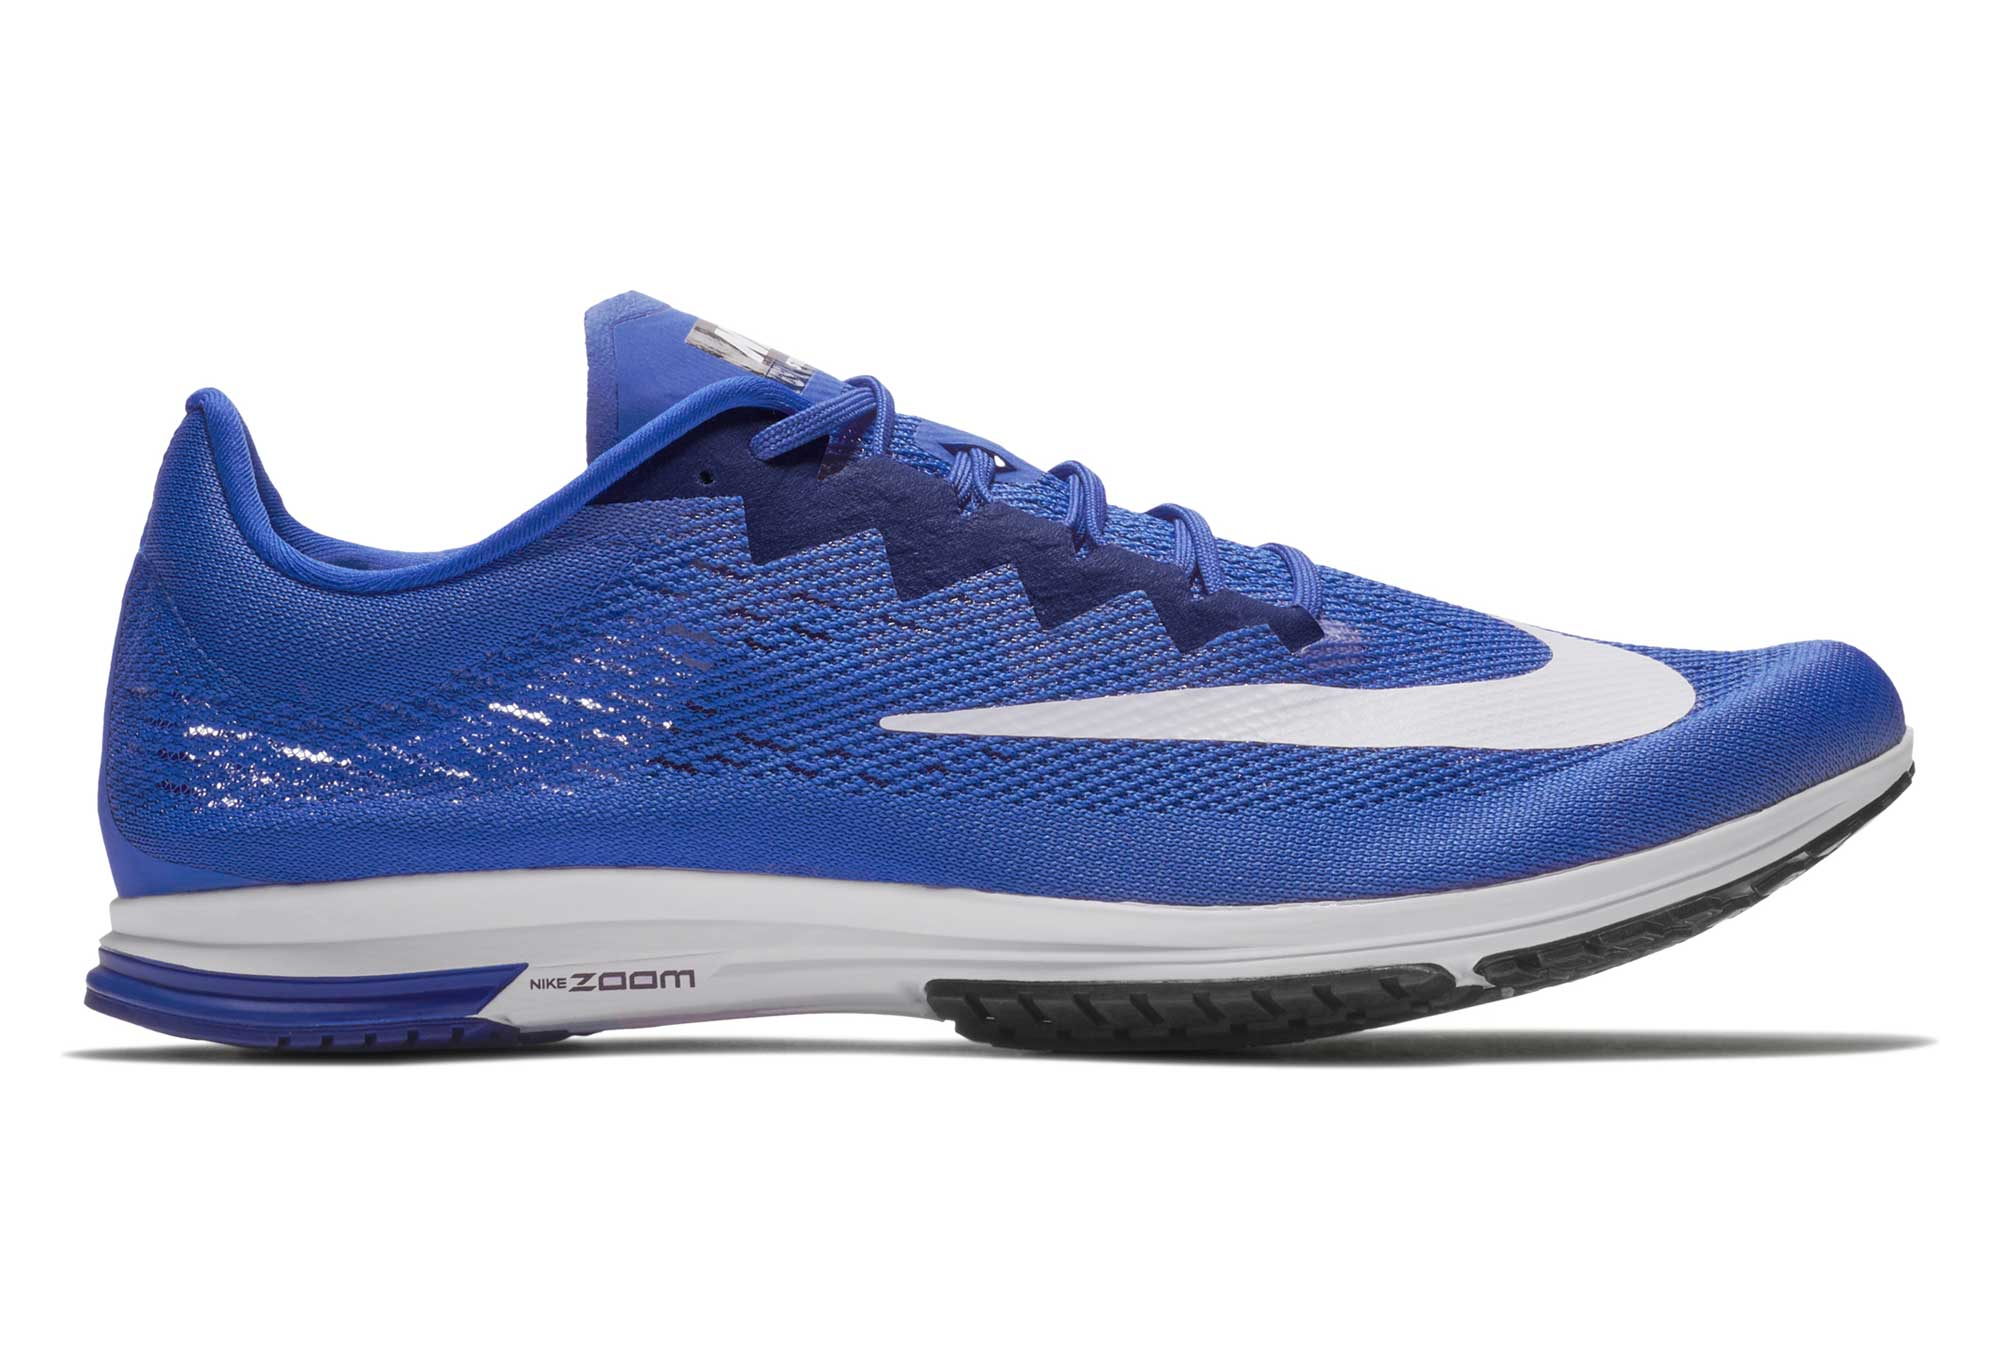 best service 08260 efb17 Chaussures de Running Nike Air Zoom Streak LT 4 Bleu